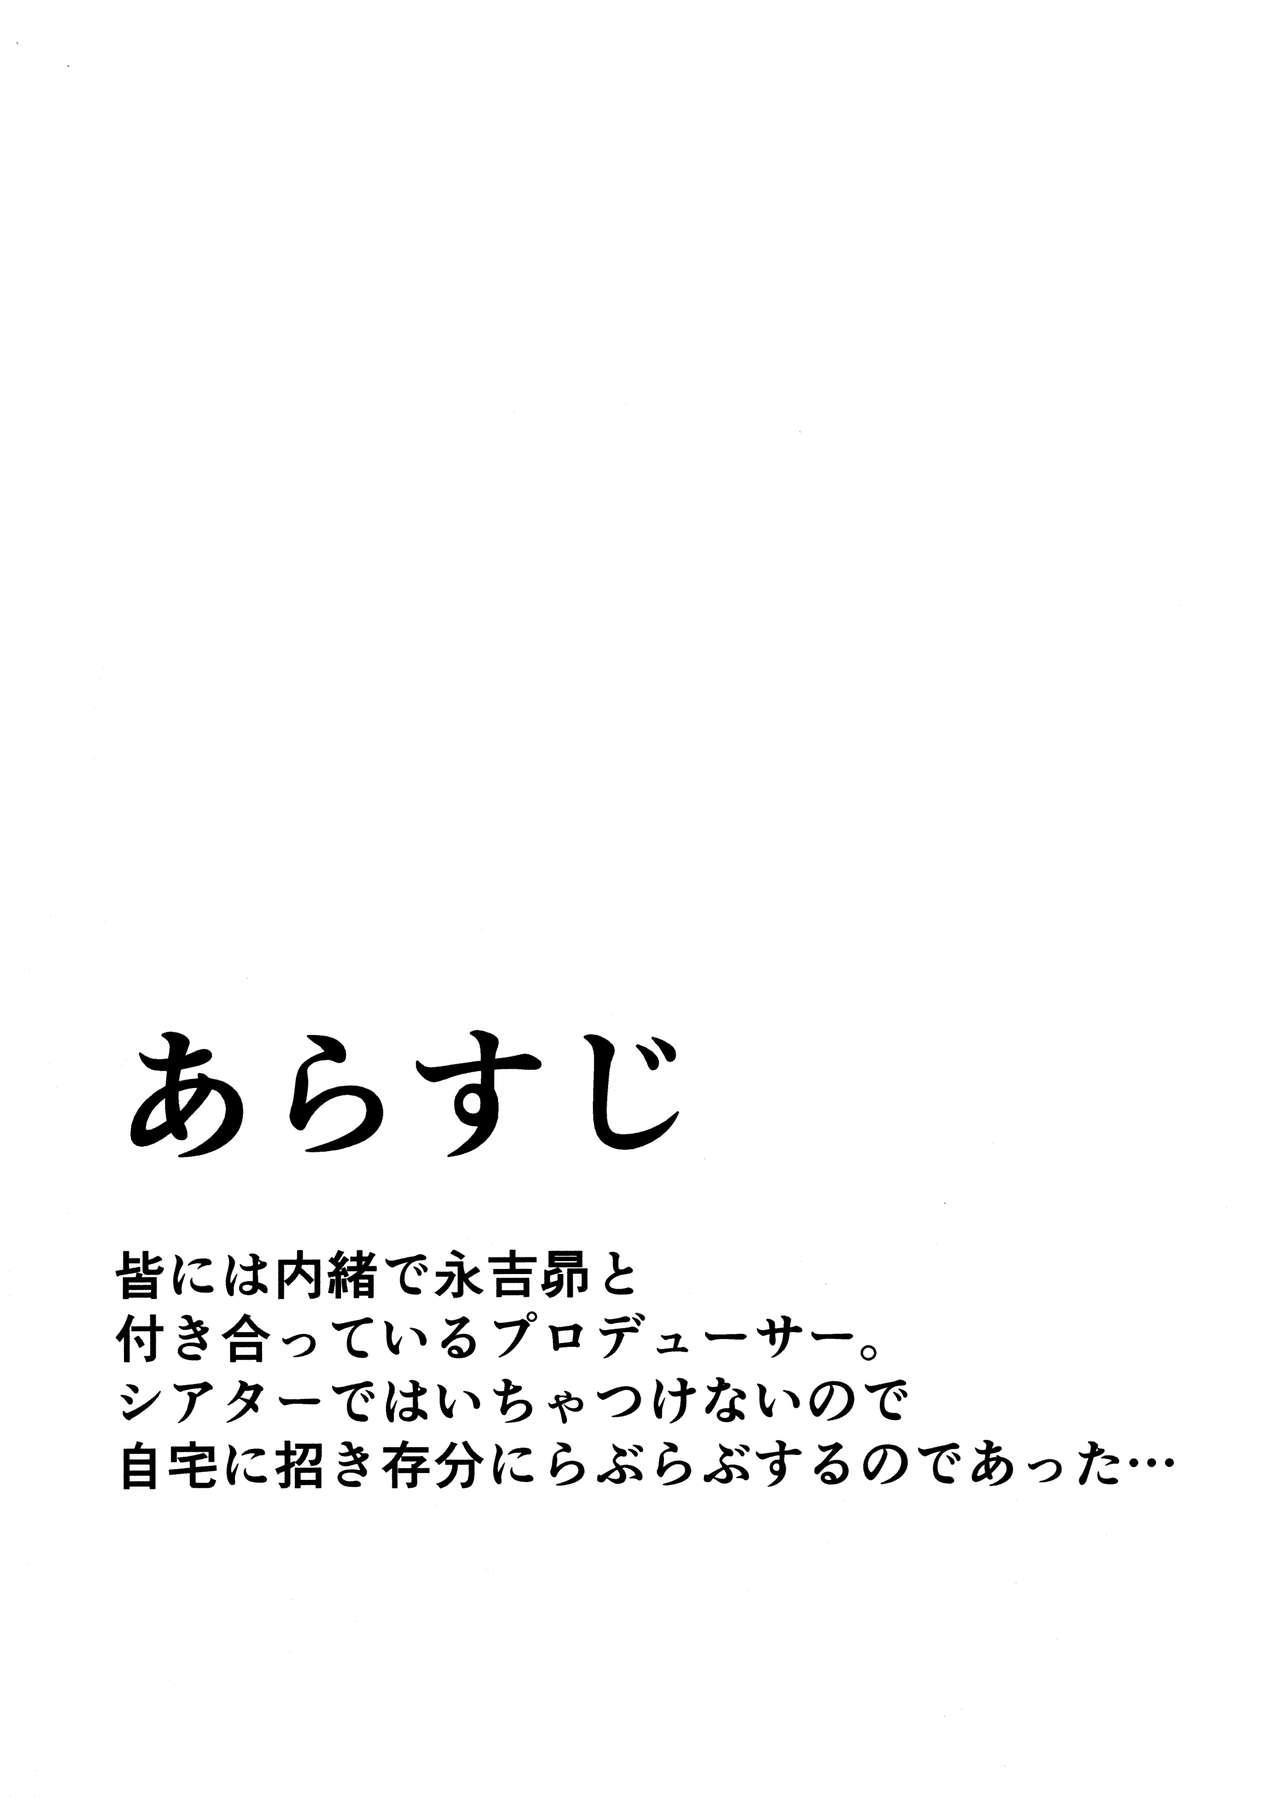 Subaru no kawaii Okuchi 2